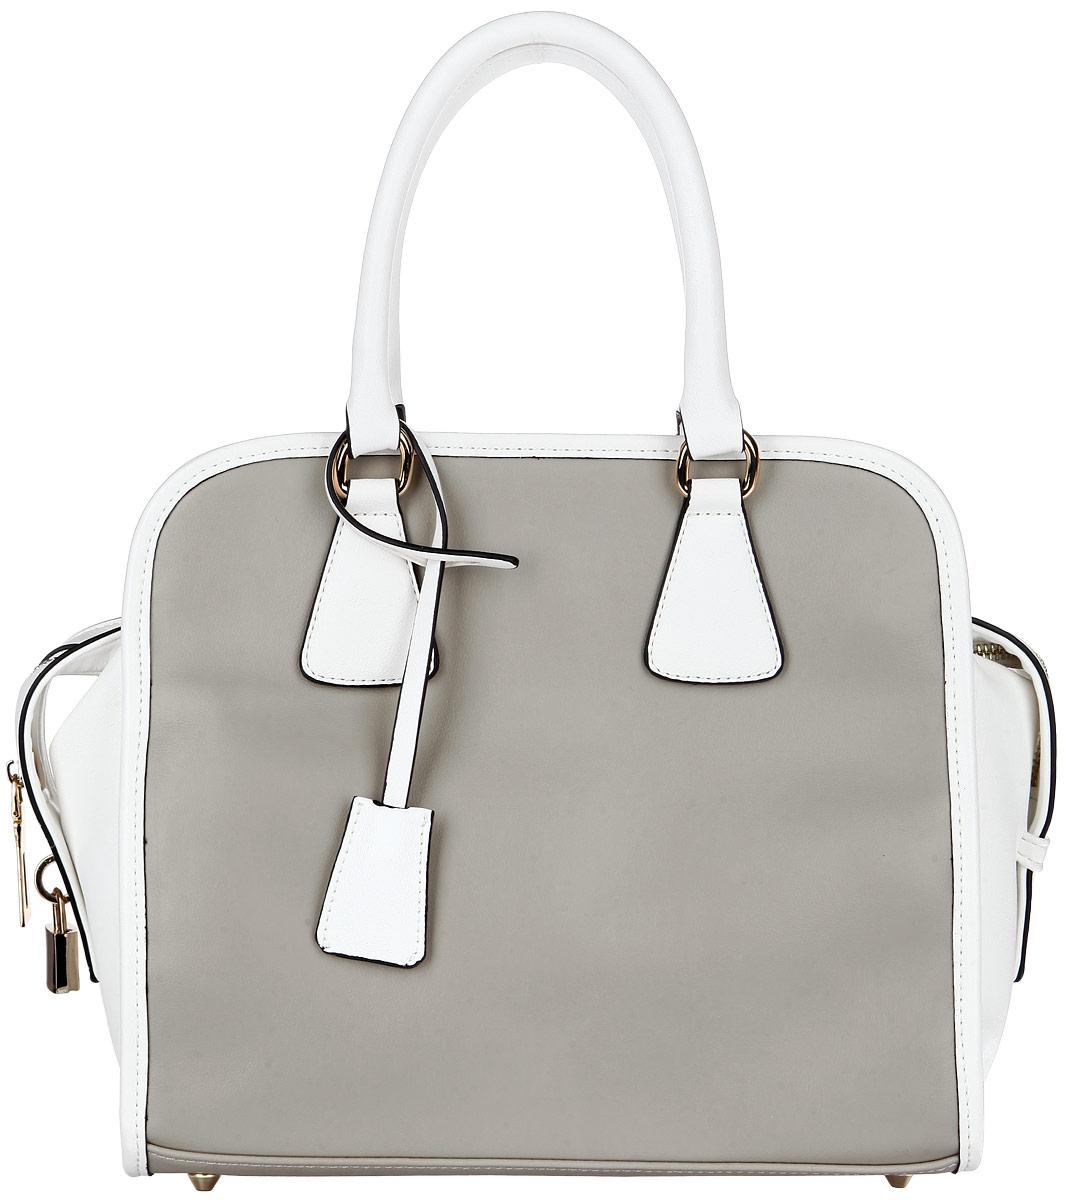 Сумка женская Renee Kler, цвет: белый, серый. RK186-1410130-11Элегантная женская сумка Renee Kler выполнена из искусственной кожи с гладкой фактурой, оформлена декоративной подвеской в виде замочка.Изделие содержит одно основное отделение, закрывающееся на застежку-молнию. Внутри сумки расположены два накладных кармашка для мелочей и врезной кармашек на застежке-молнии. Изделие оснащено двумя удобными ручками и съемным плечевым ремнем регулируемой длины. Дно изделия защищено от повреждений металлическими ножками.Модный аксессуар позволит вам завершить образ и быть неотразимой.